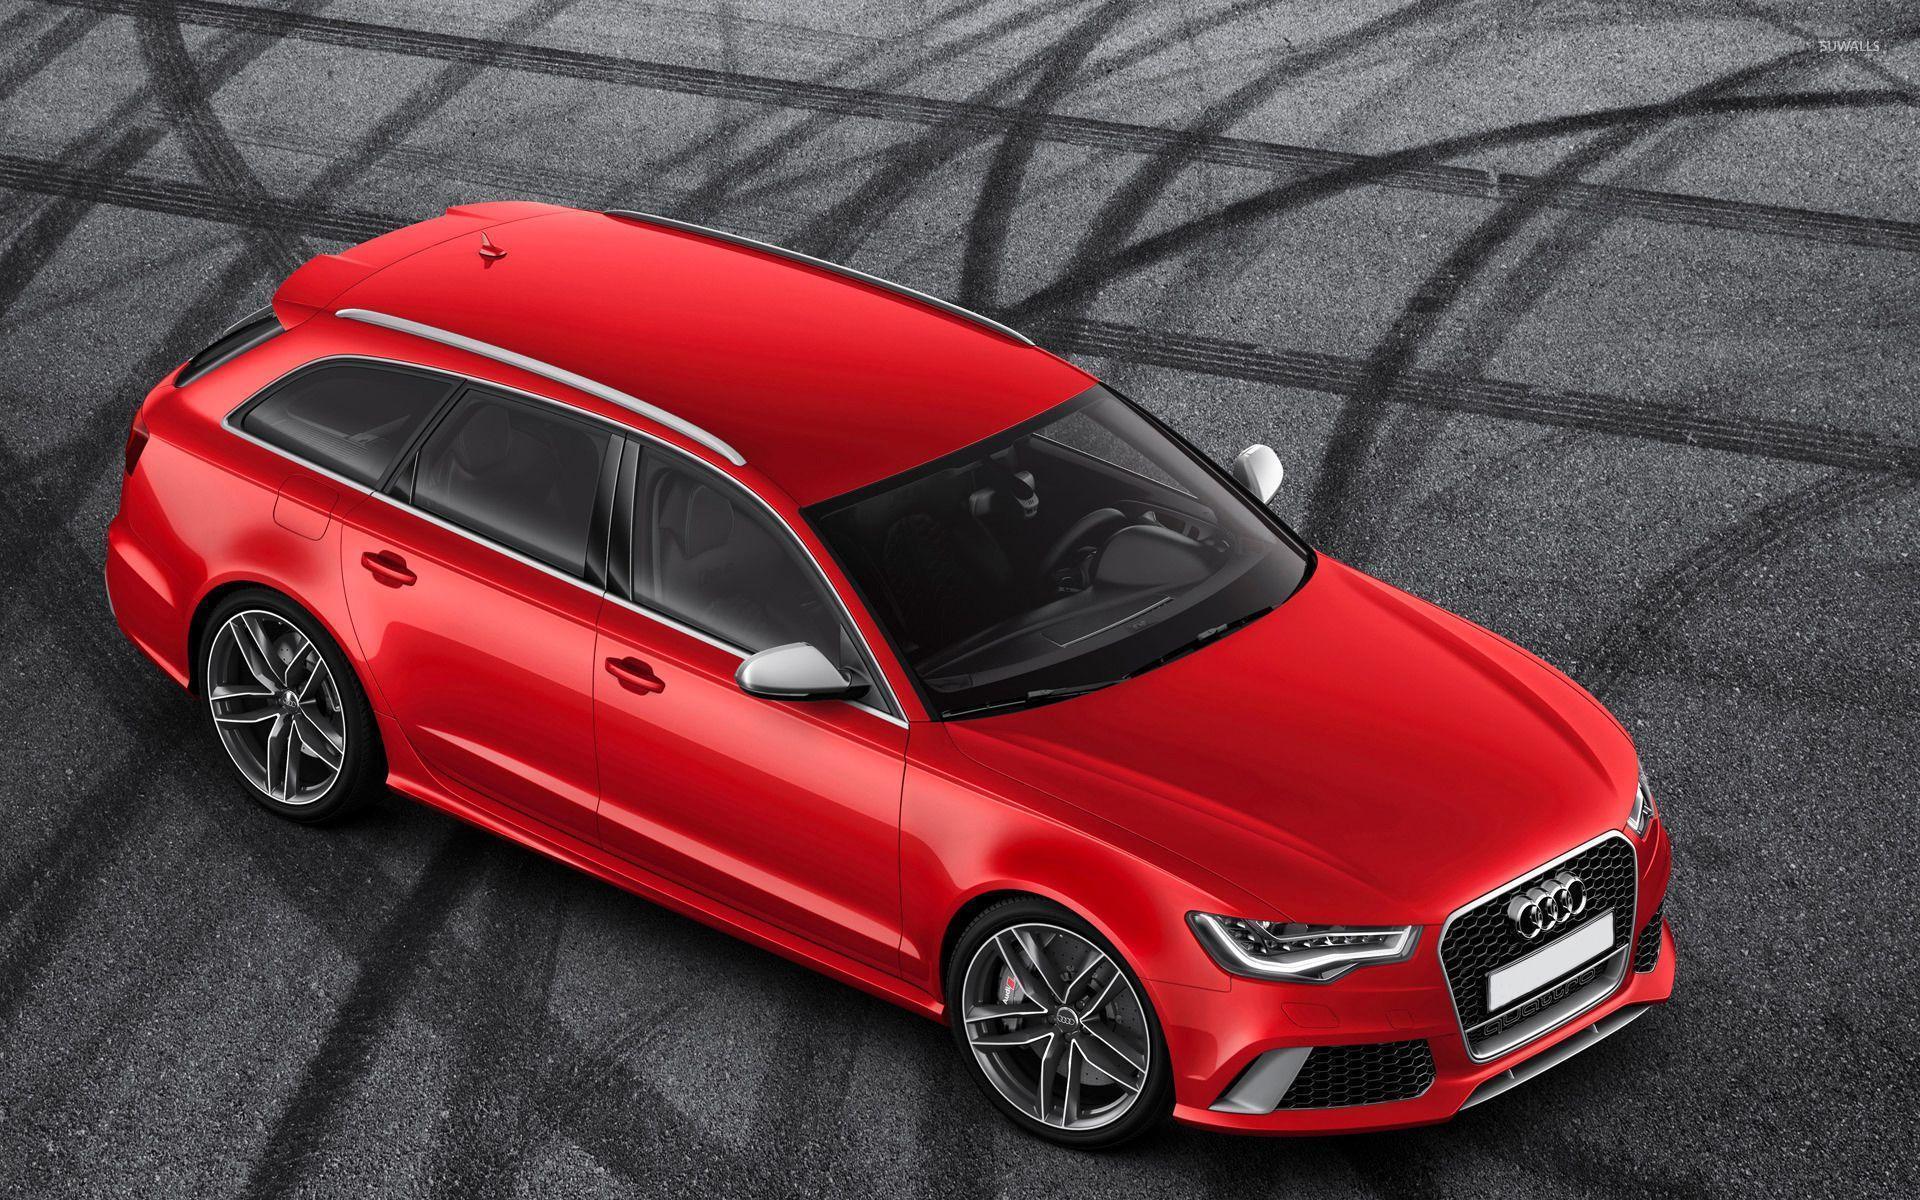 2013 Audi RS6 Avant wallpaper - Car wallpapers - #16512